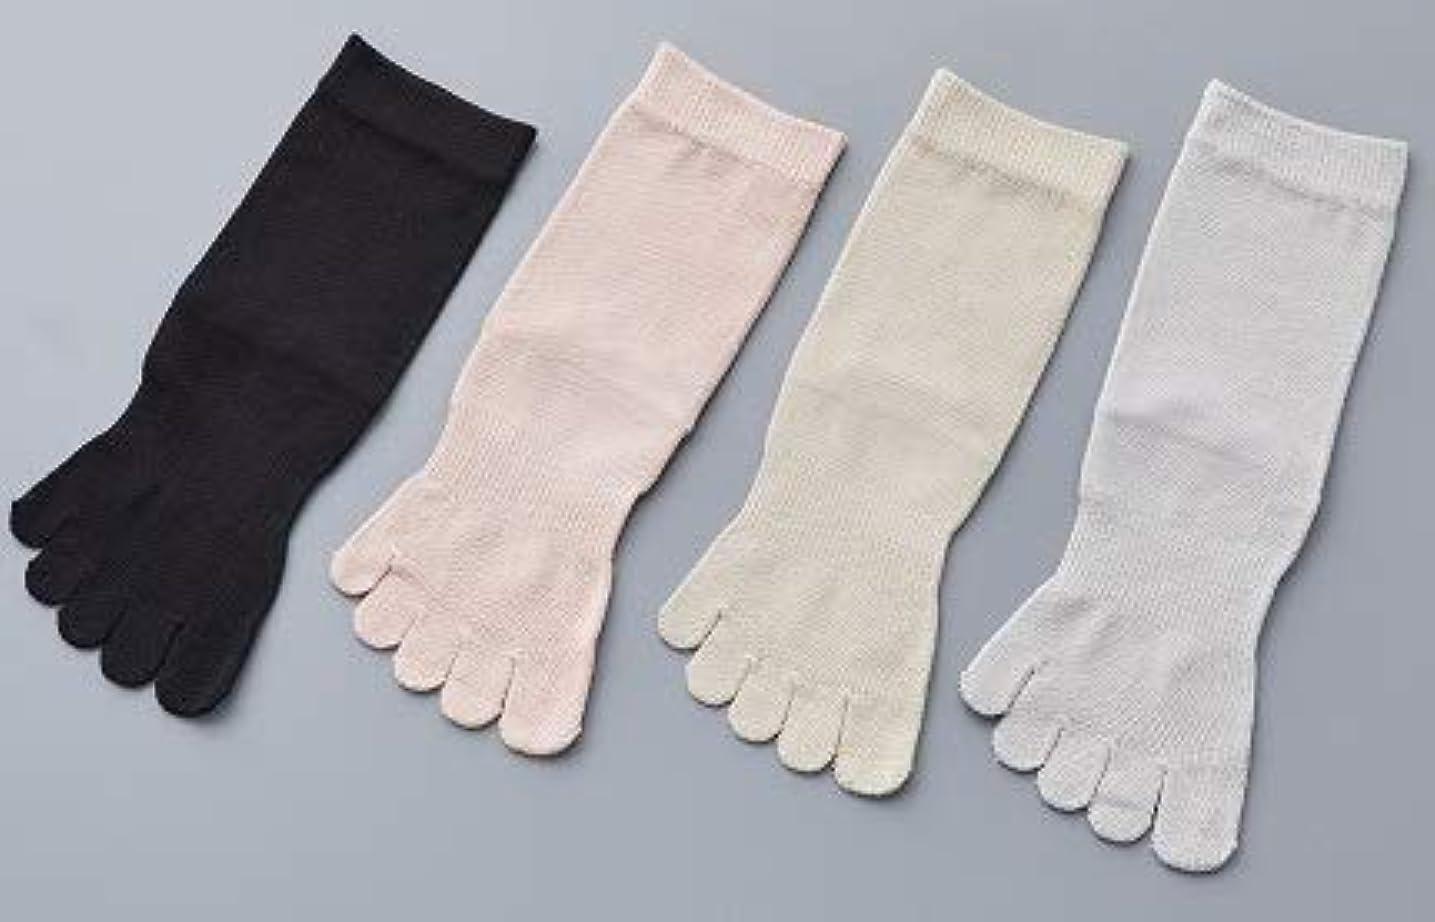 青写真永久精神医学婦人 シルク 5本指 靴 下最高級 シルク100% 使用 プレゼントに最適 22-24cm 太陽ニット S90 (グレー)